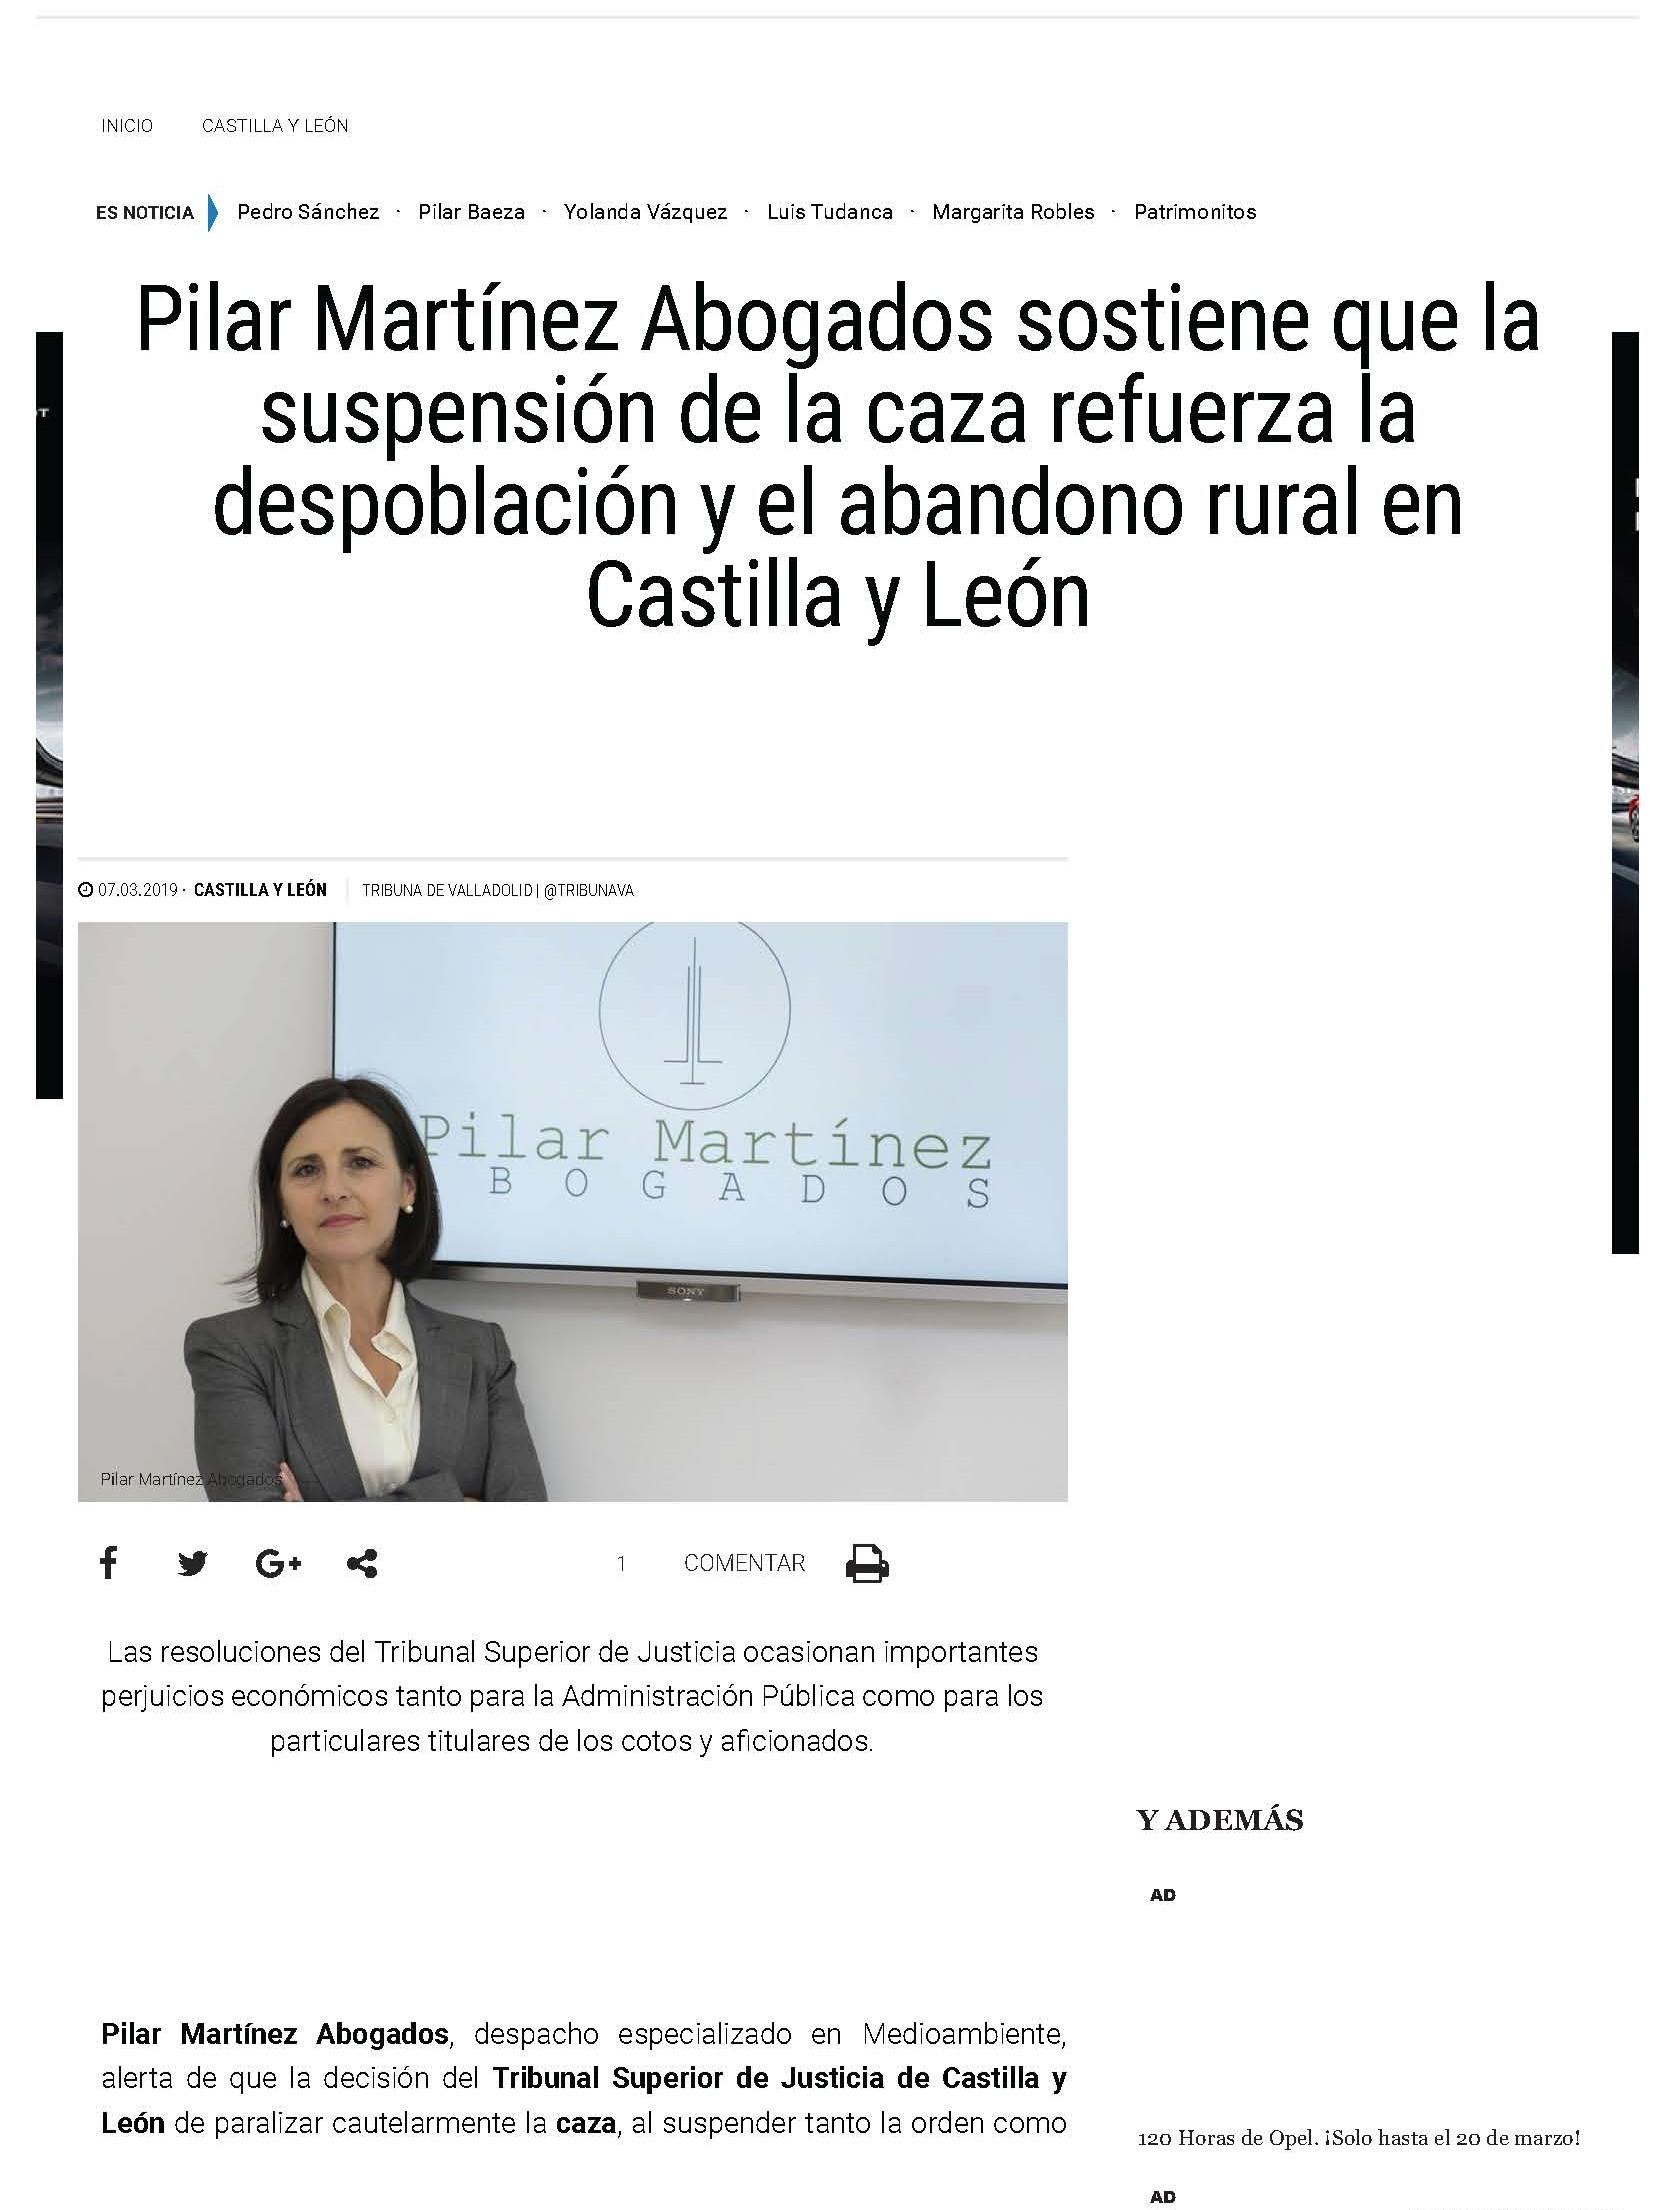 ABANDONO RURAL CASTILLA Y LEÓN